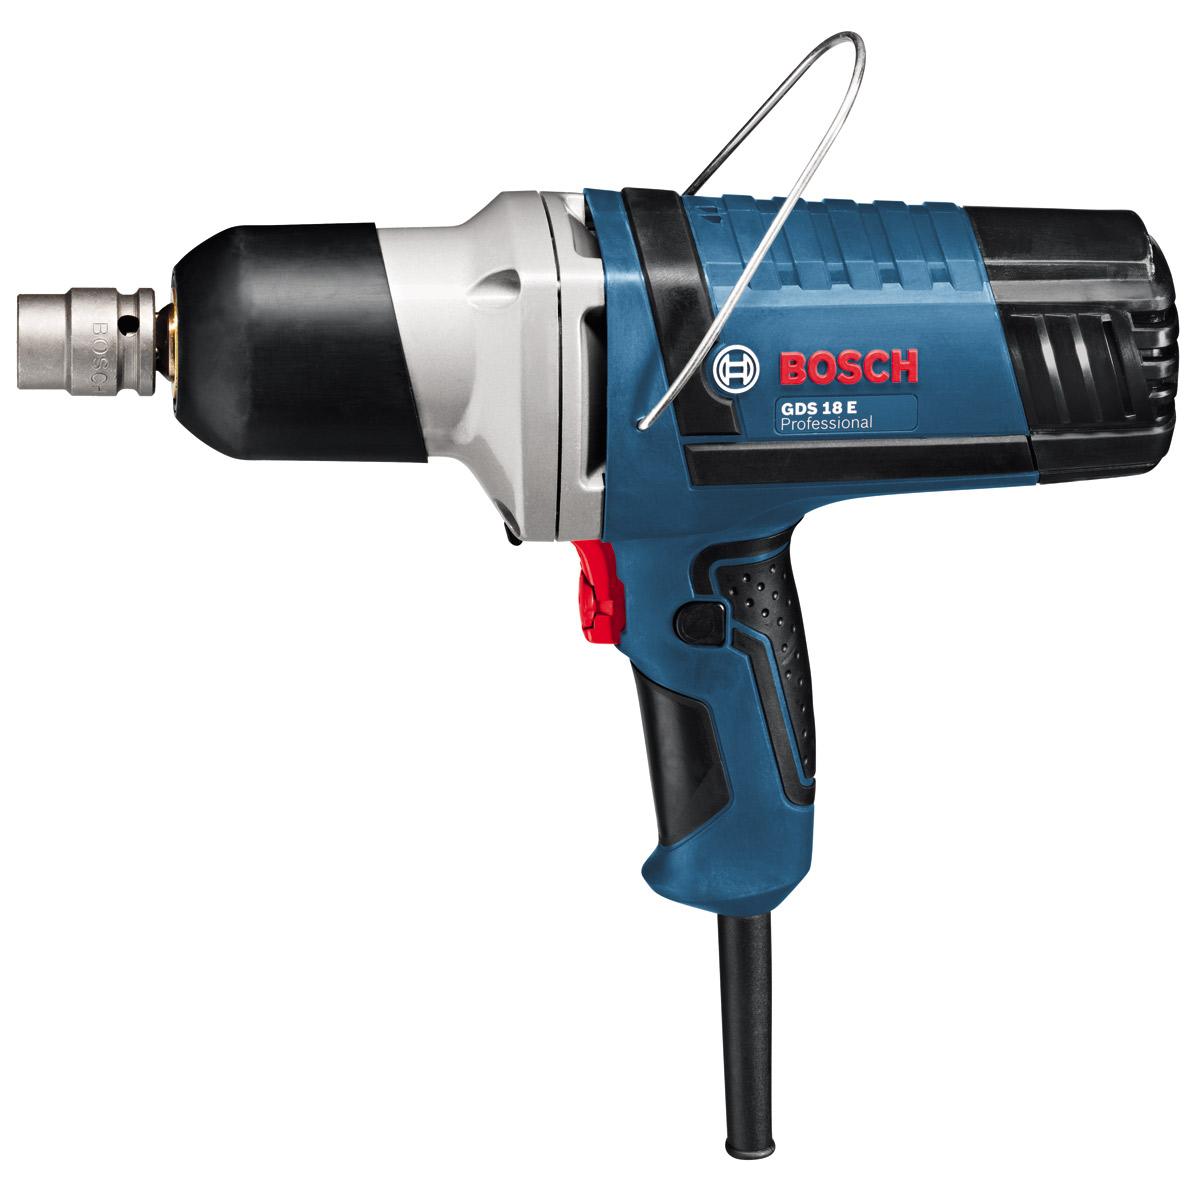 Гайковерт Bosch 601444000 gds 18